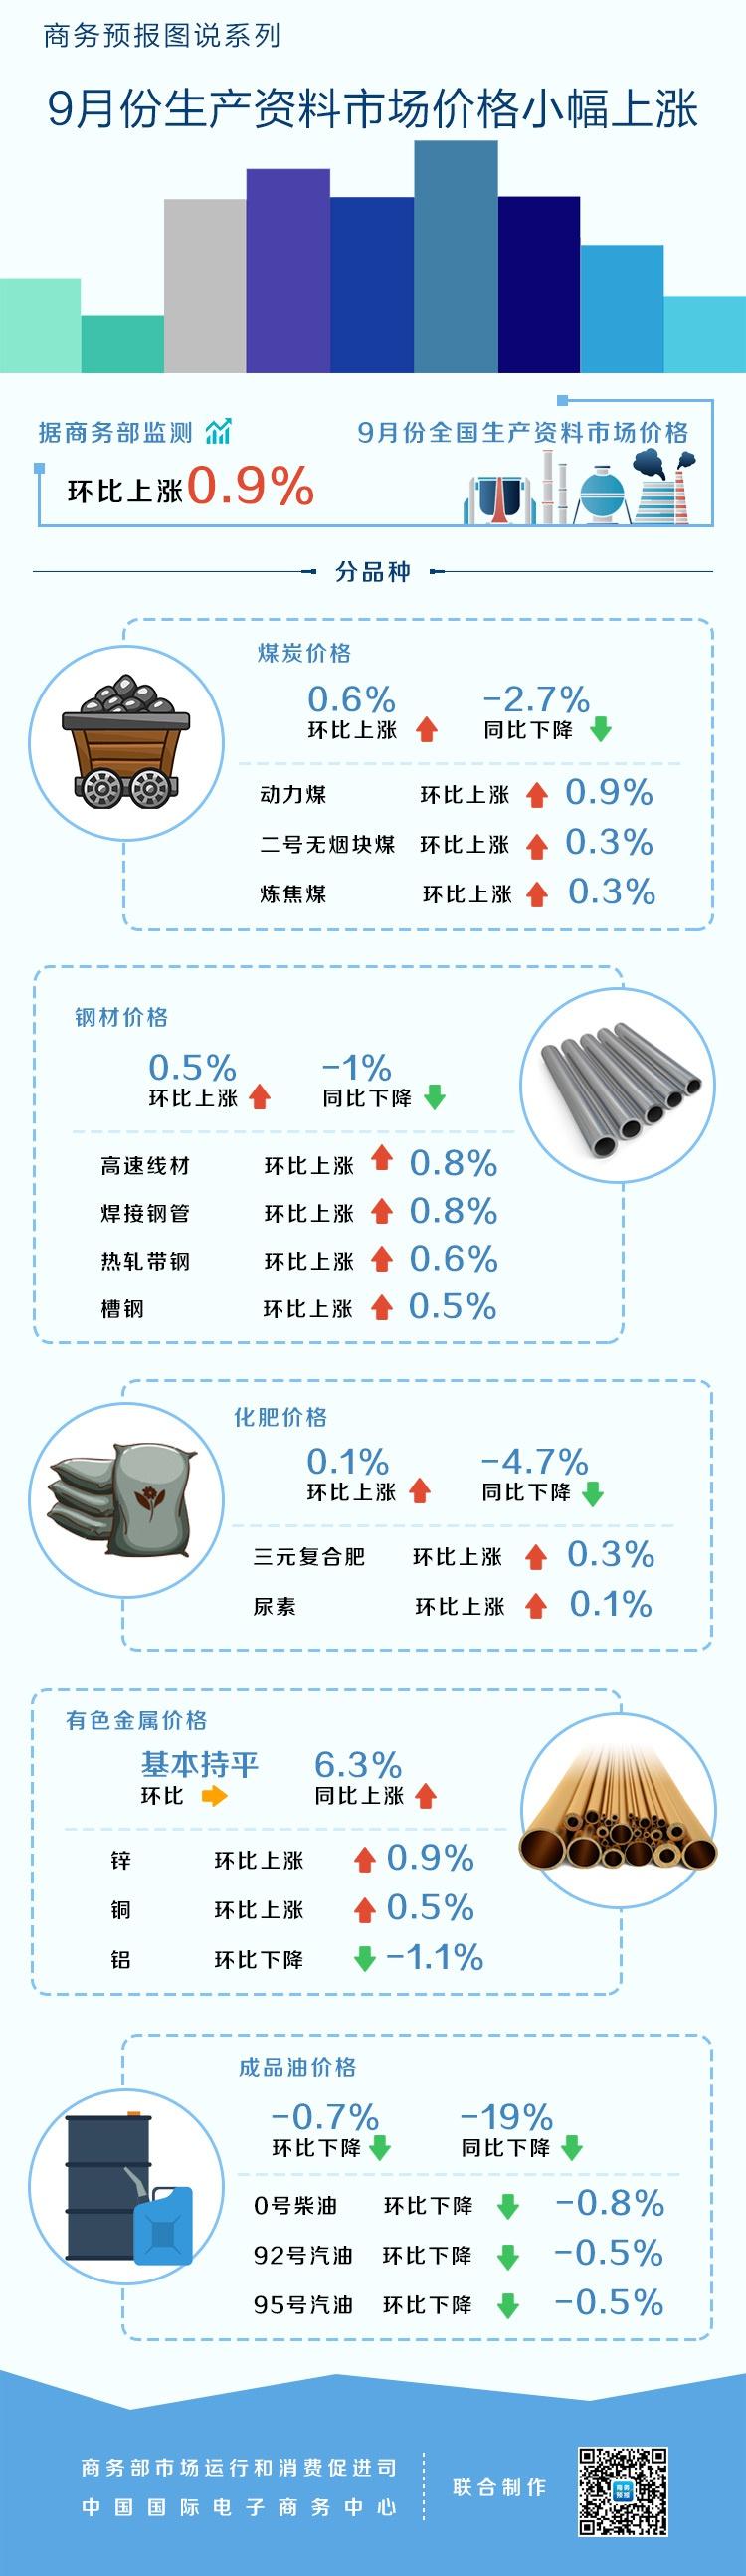 9月份生产资料市场价格小幅上涨 煤炭上涨0.6%